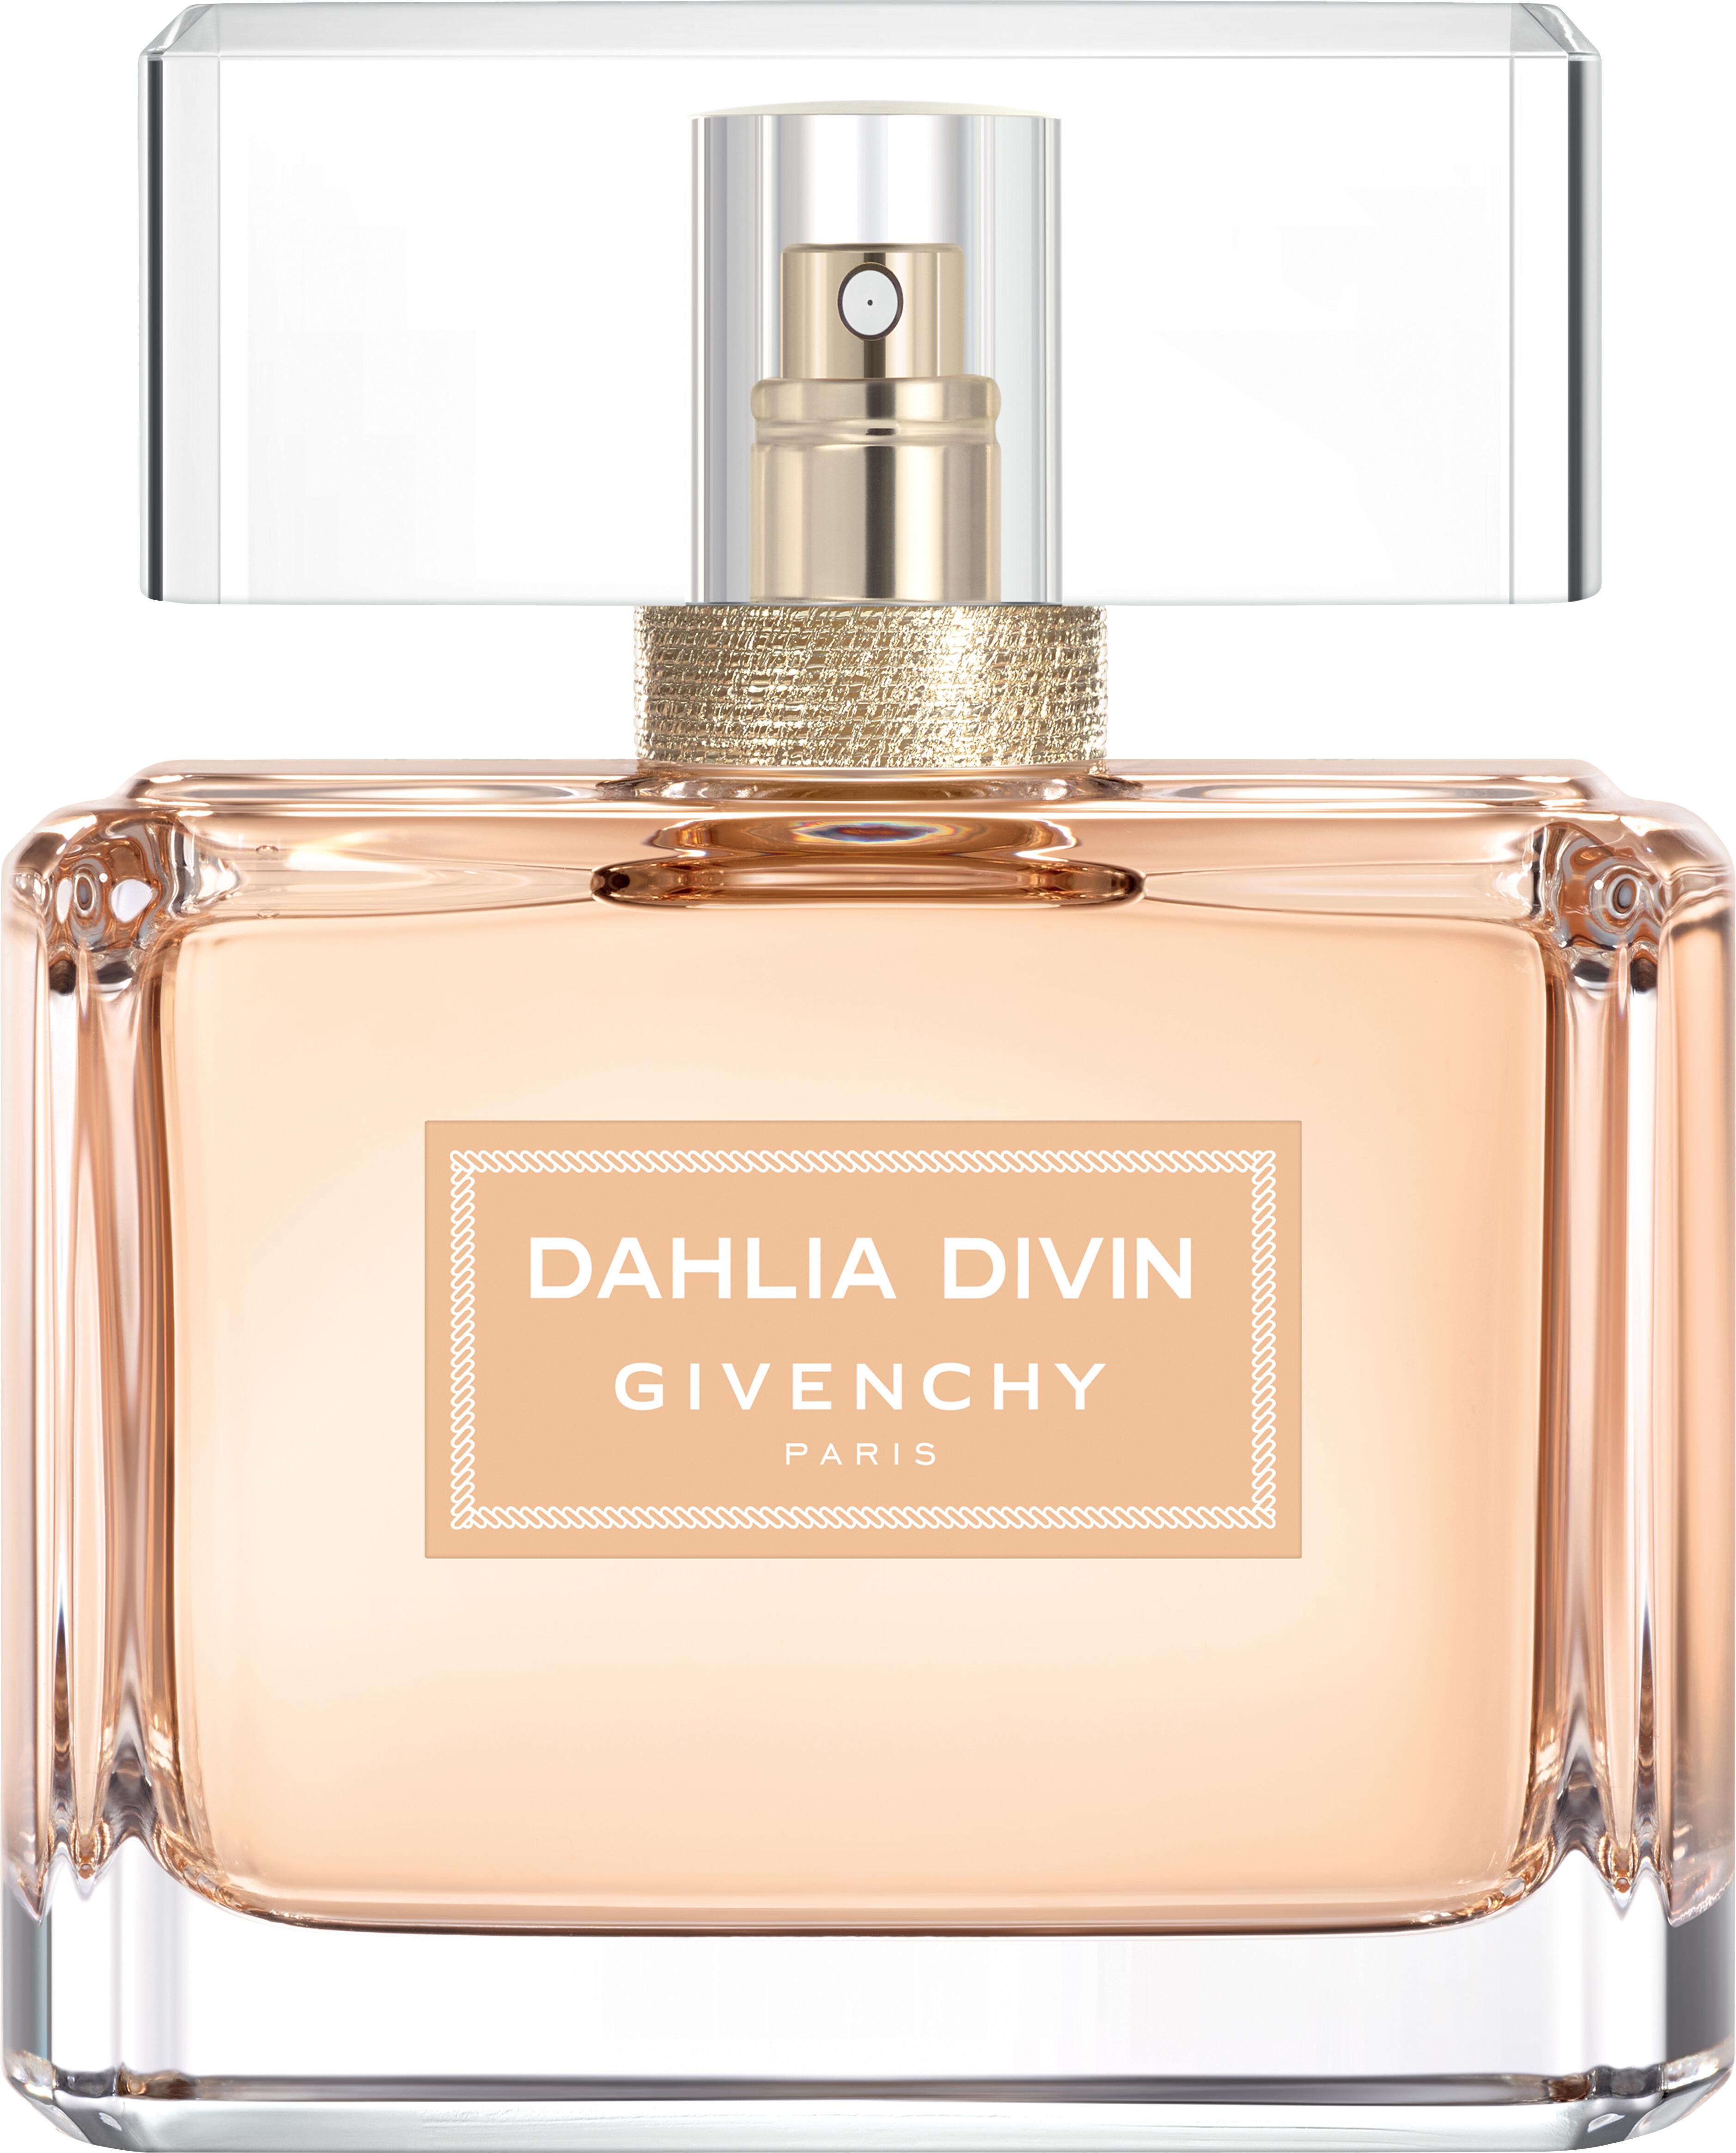 825ed390df ... GIVENCHY Dahlia Divin Nude Eau de Parfum Spray 75ml